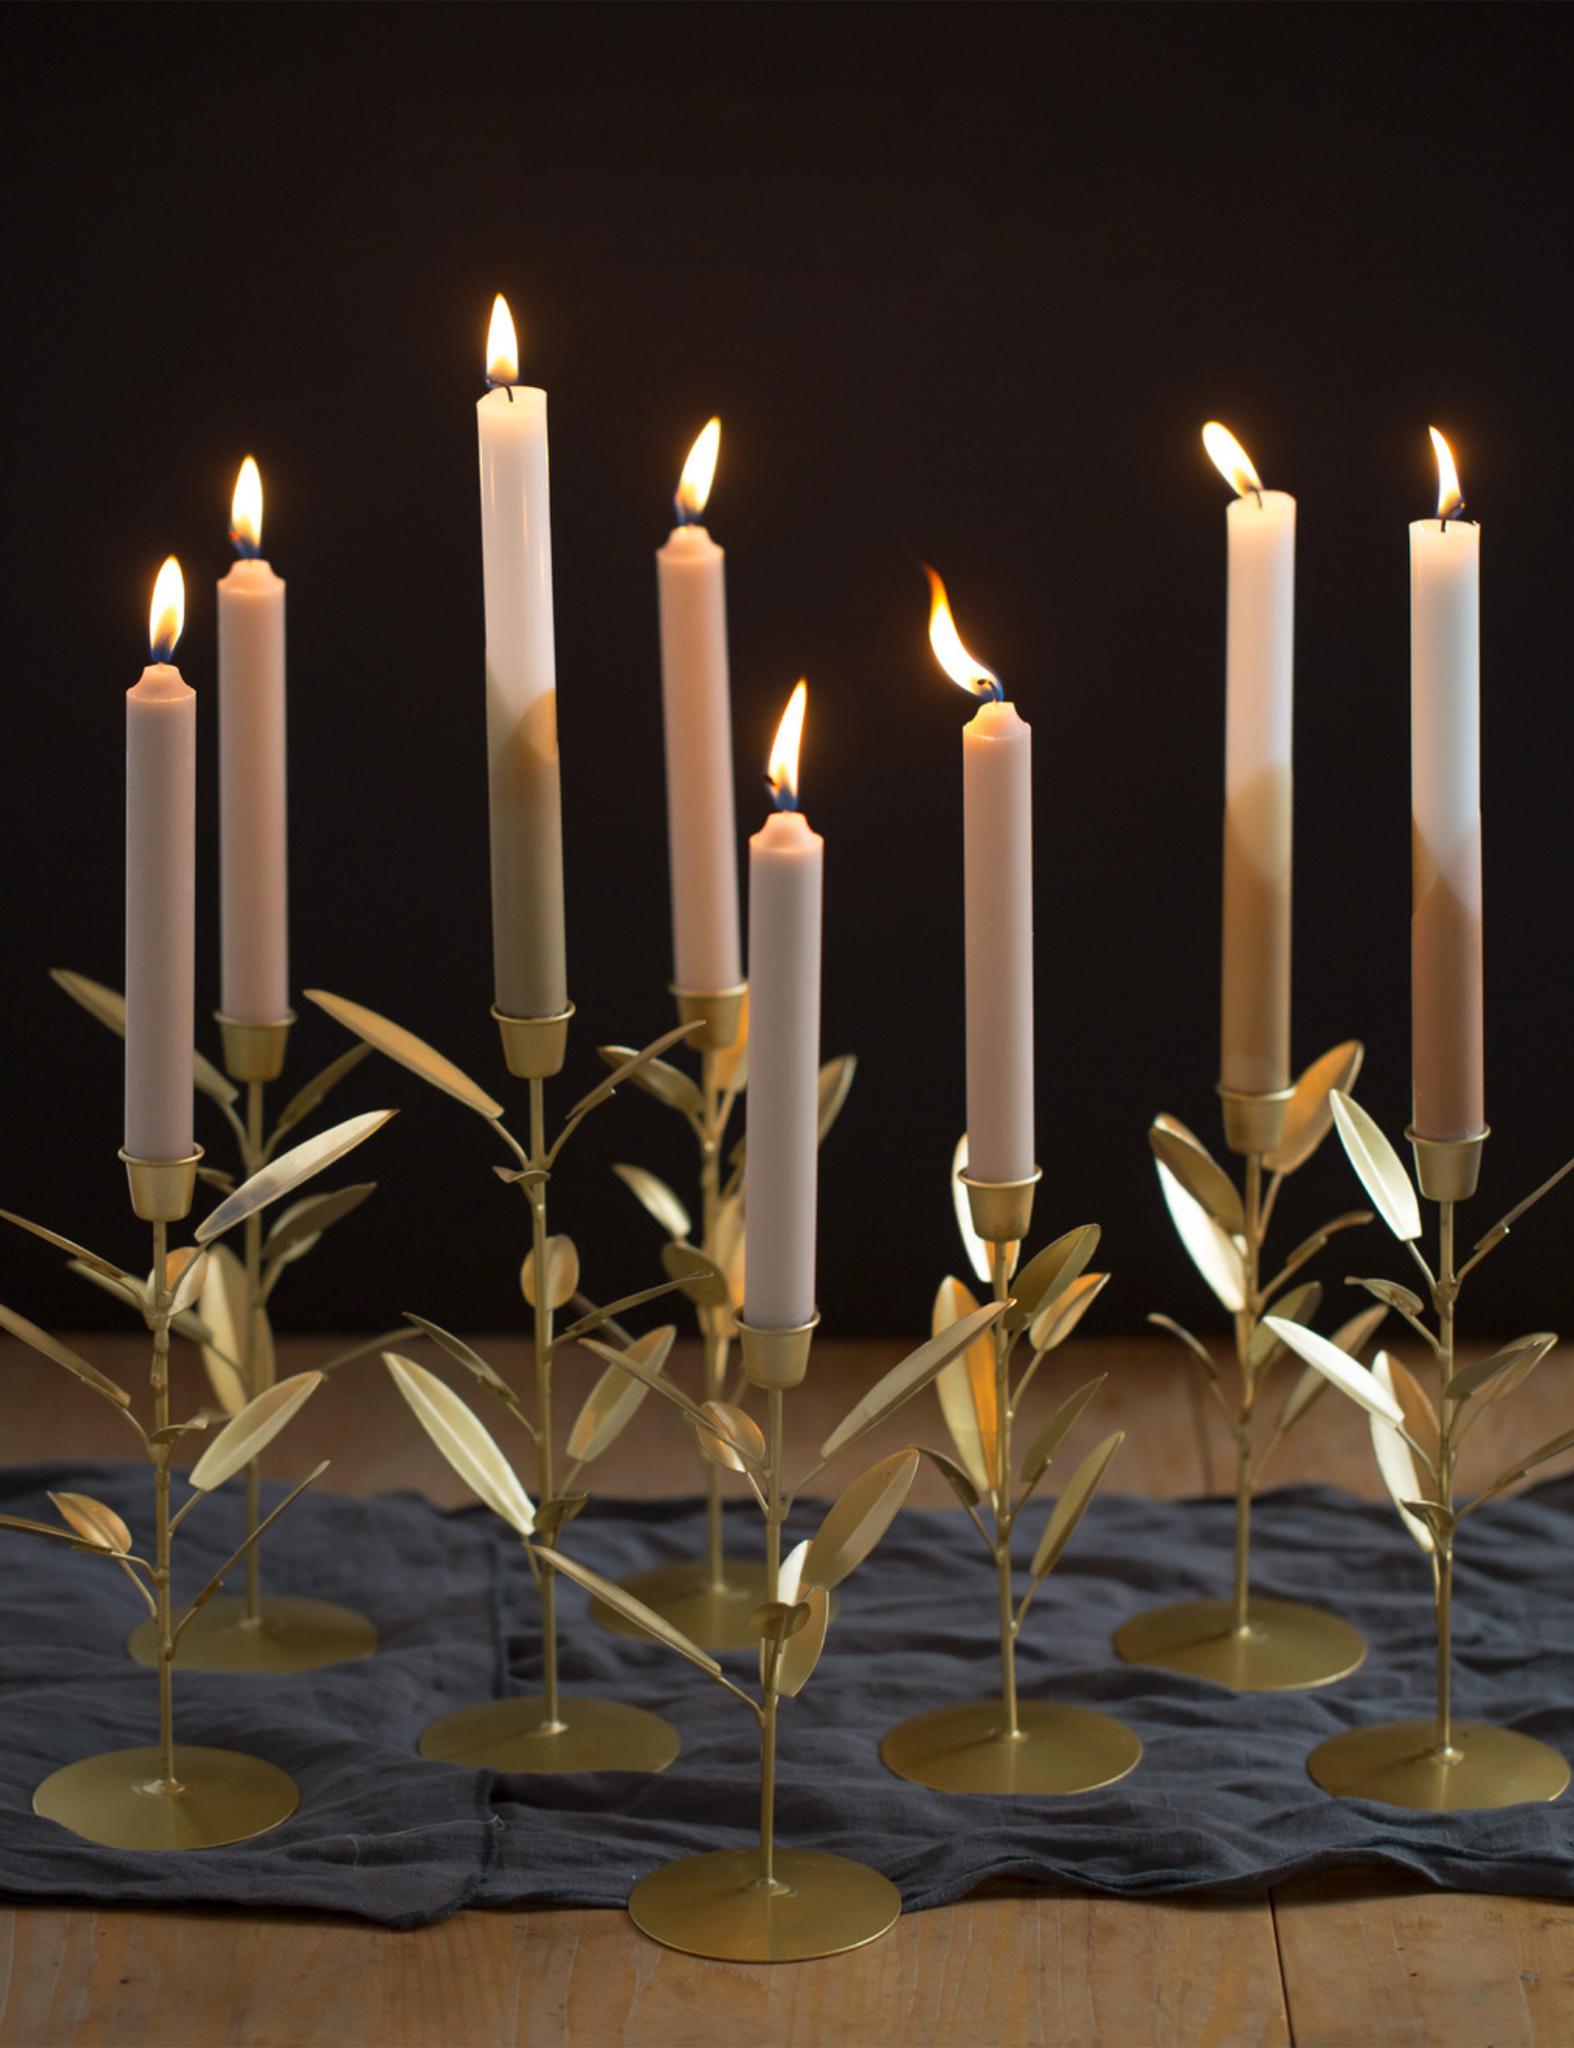 Prachtige gouden kandelaar 'Maggy' van Rustik Lys